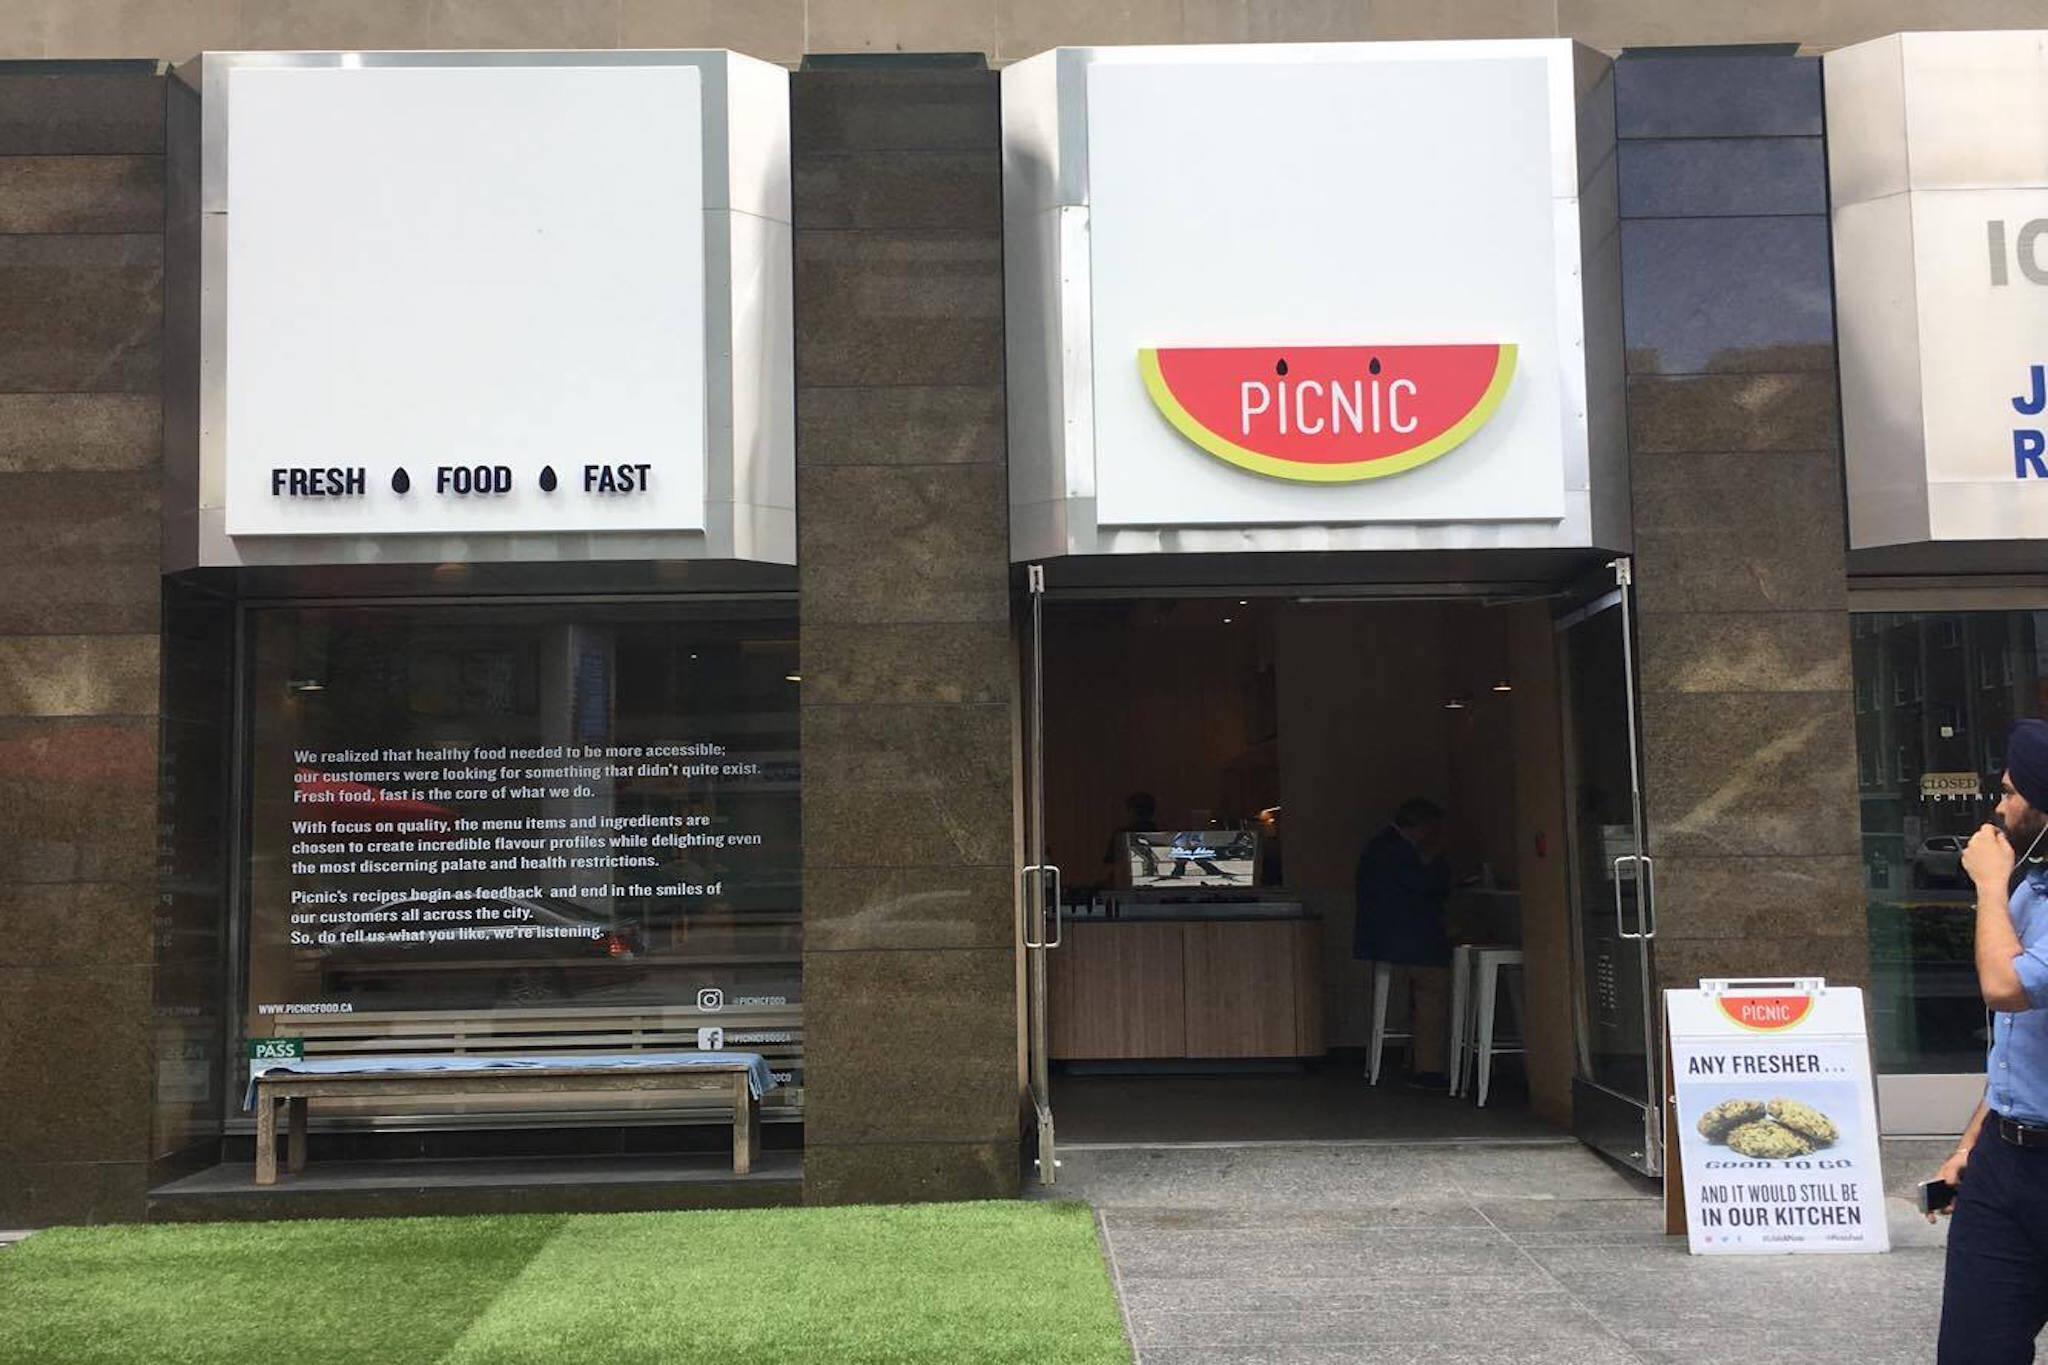 Picnic Food Toronto